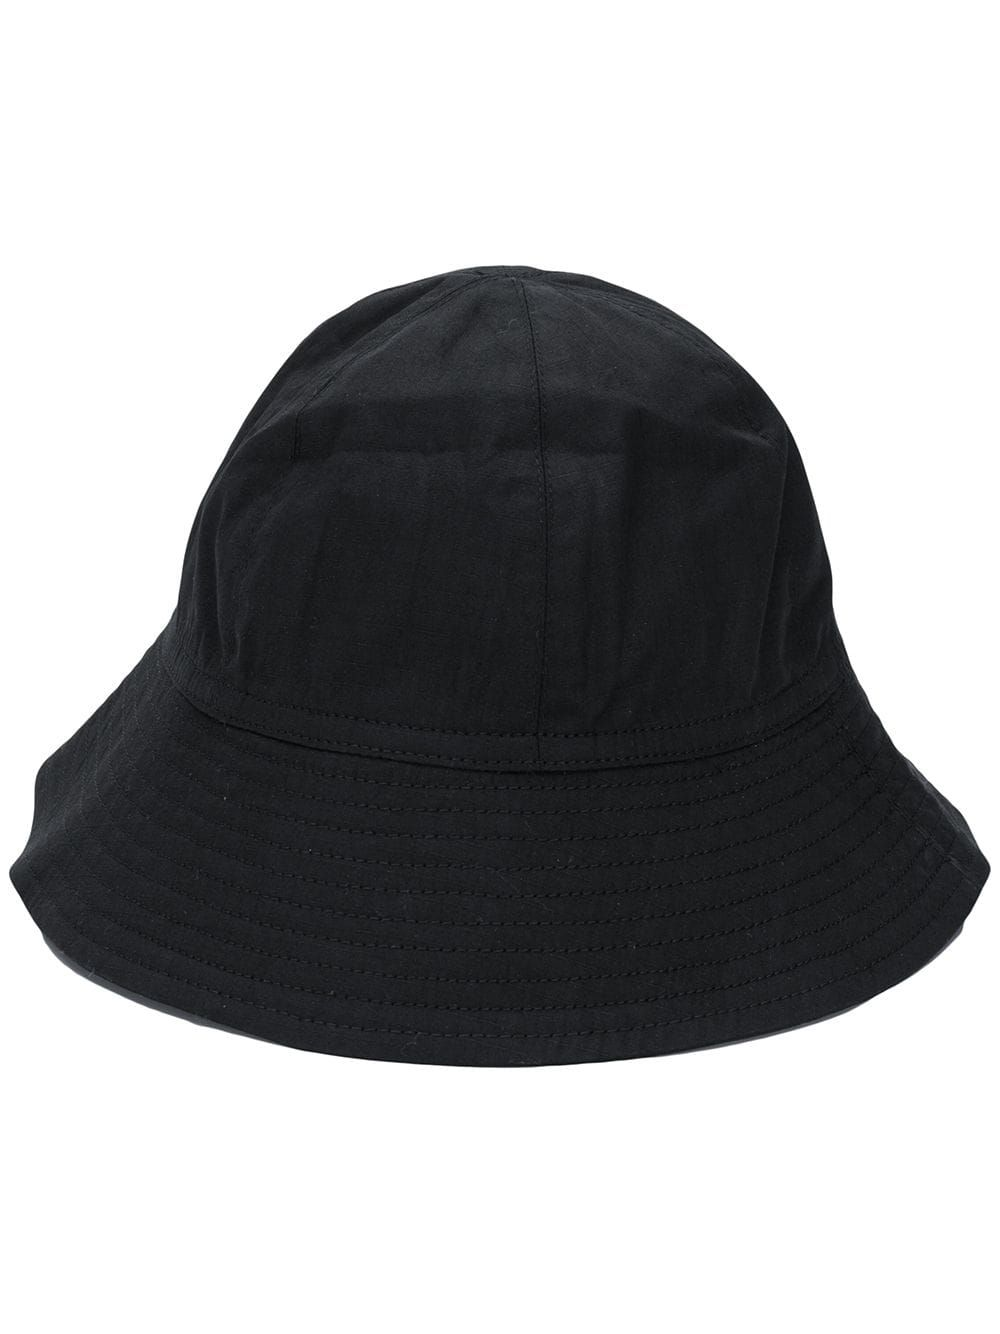 7b034638119f7 RICK OWENS DRKSHDW RICK OWENS DRKSHDW BUCKET HAT - BLACK.  rickowensdrkshdw